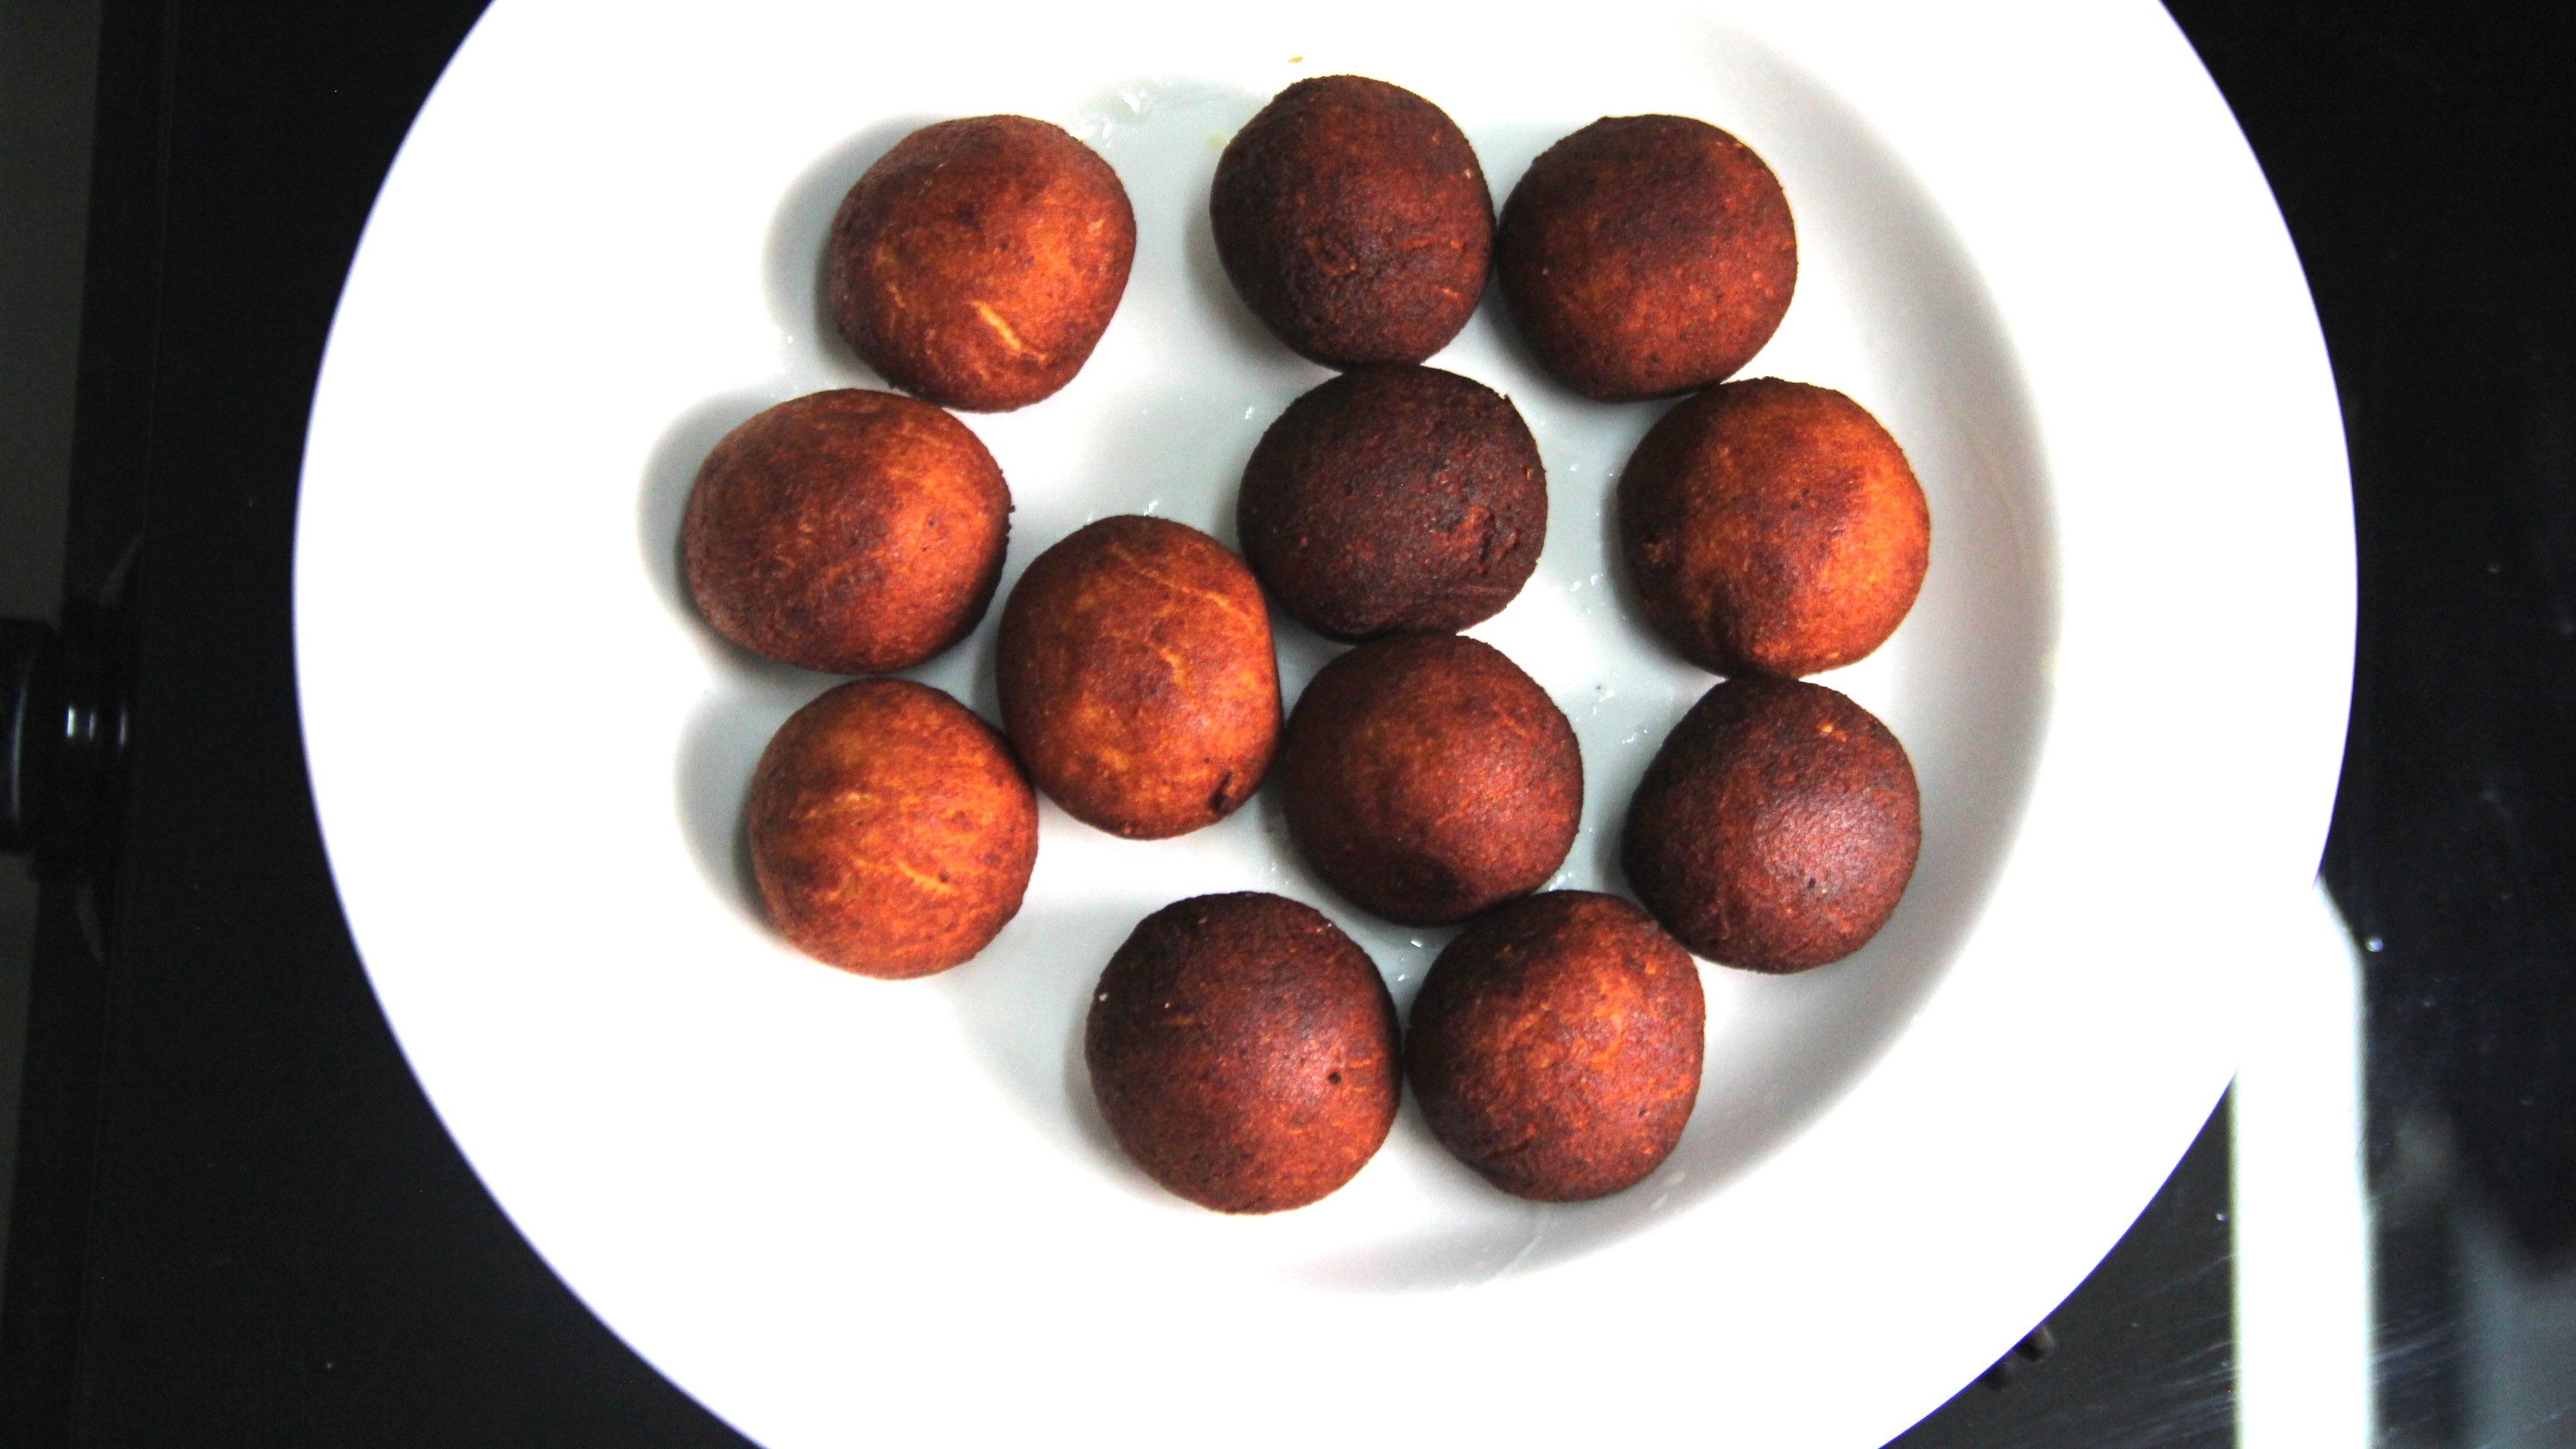 Fried Gulab Jamun balls